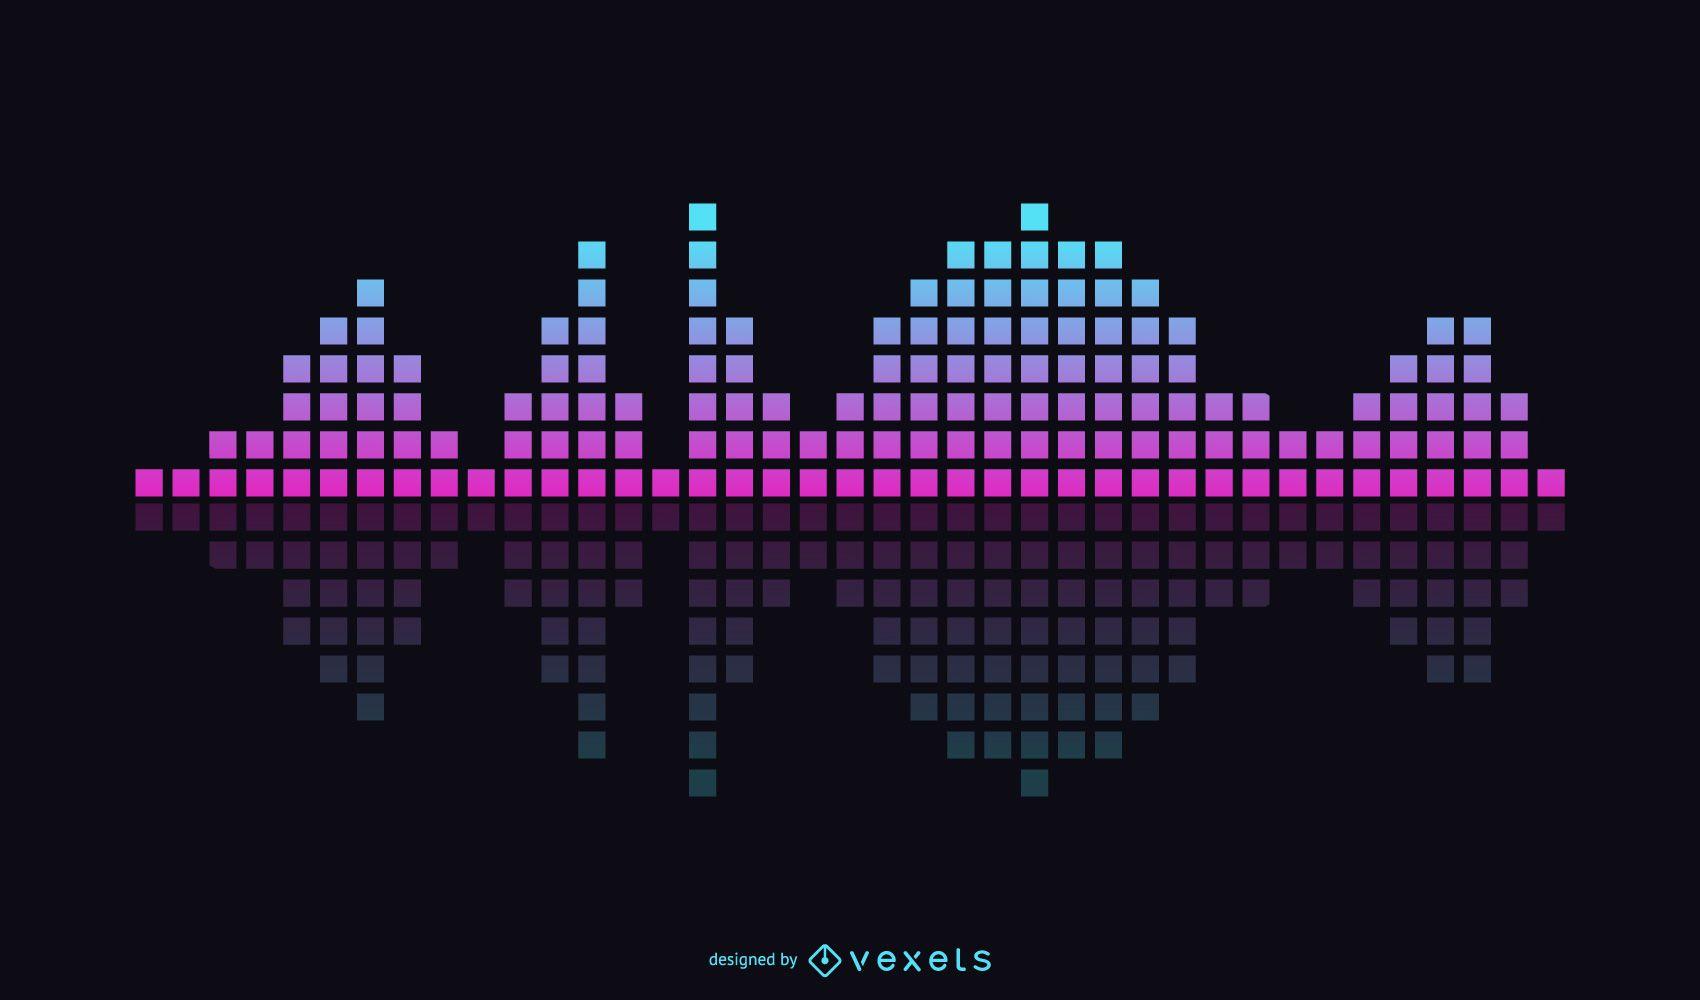 Tema de ecualizador de música vectorial